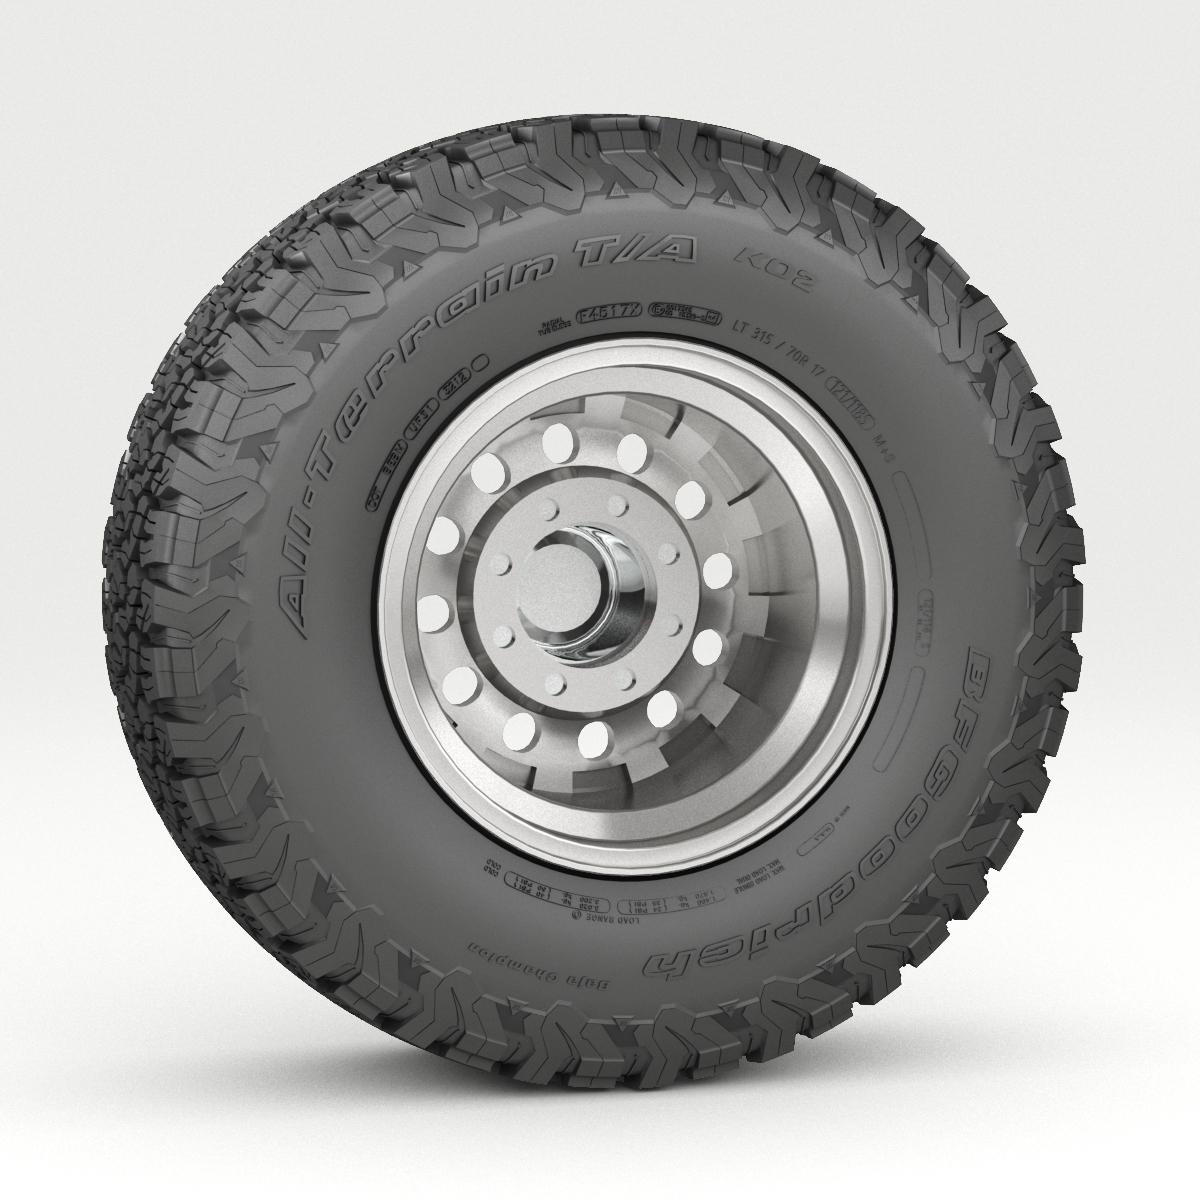 off road wheel and tire 5 3d model 3ds max fbx tga targa icb vda vst pix obj 224474